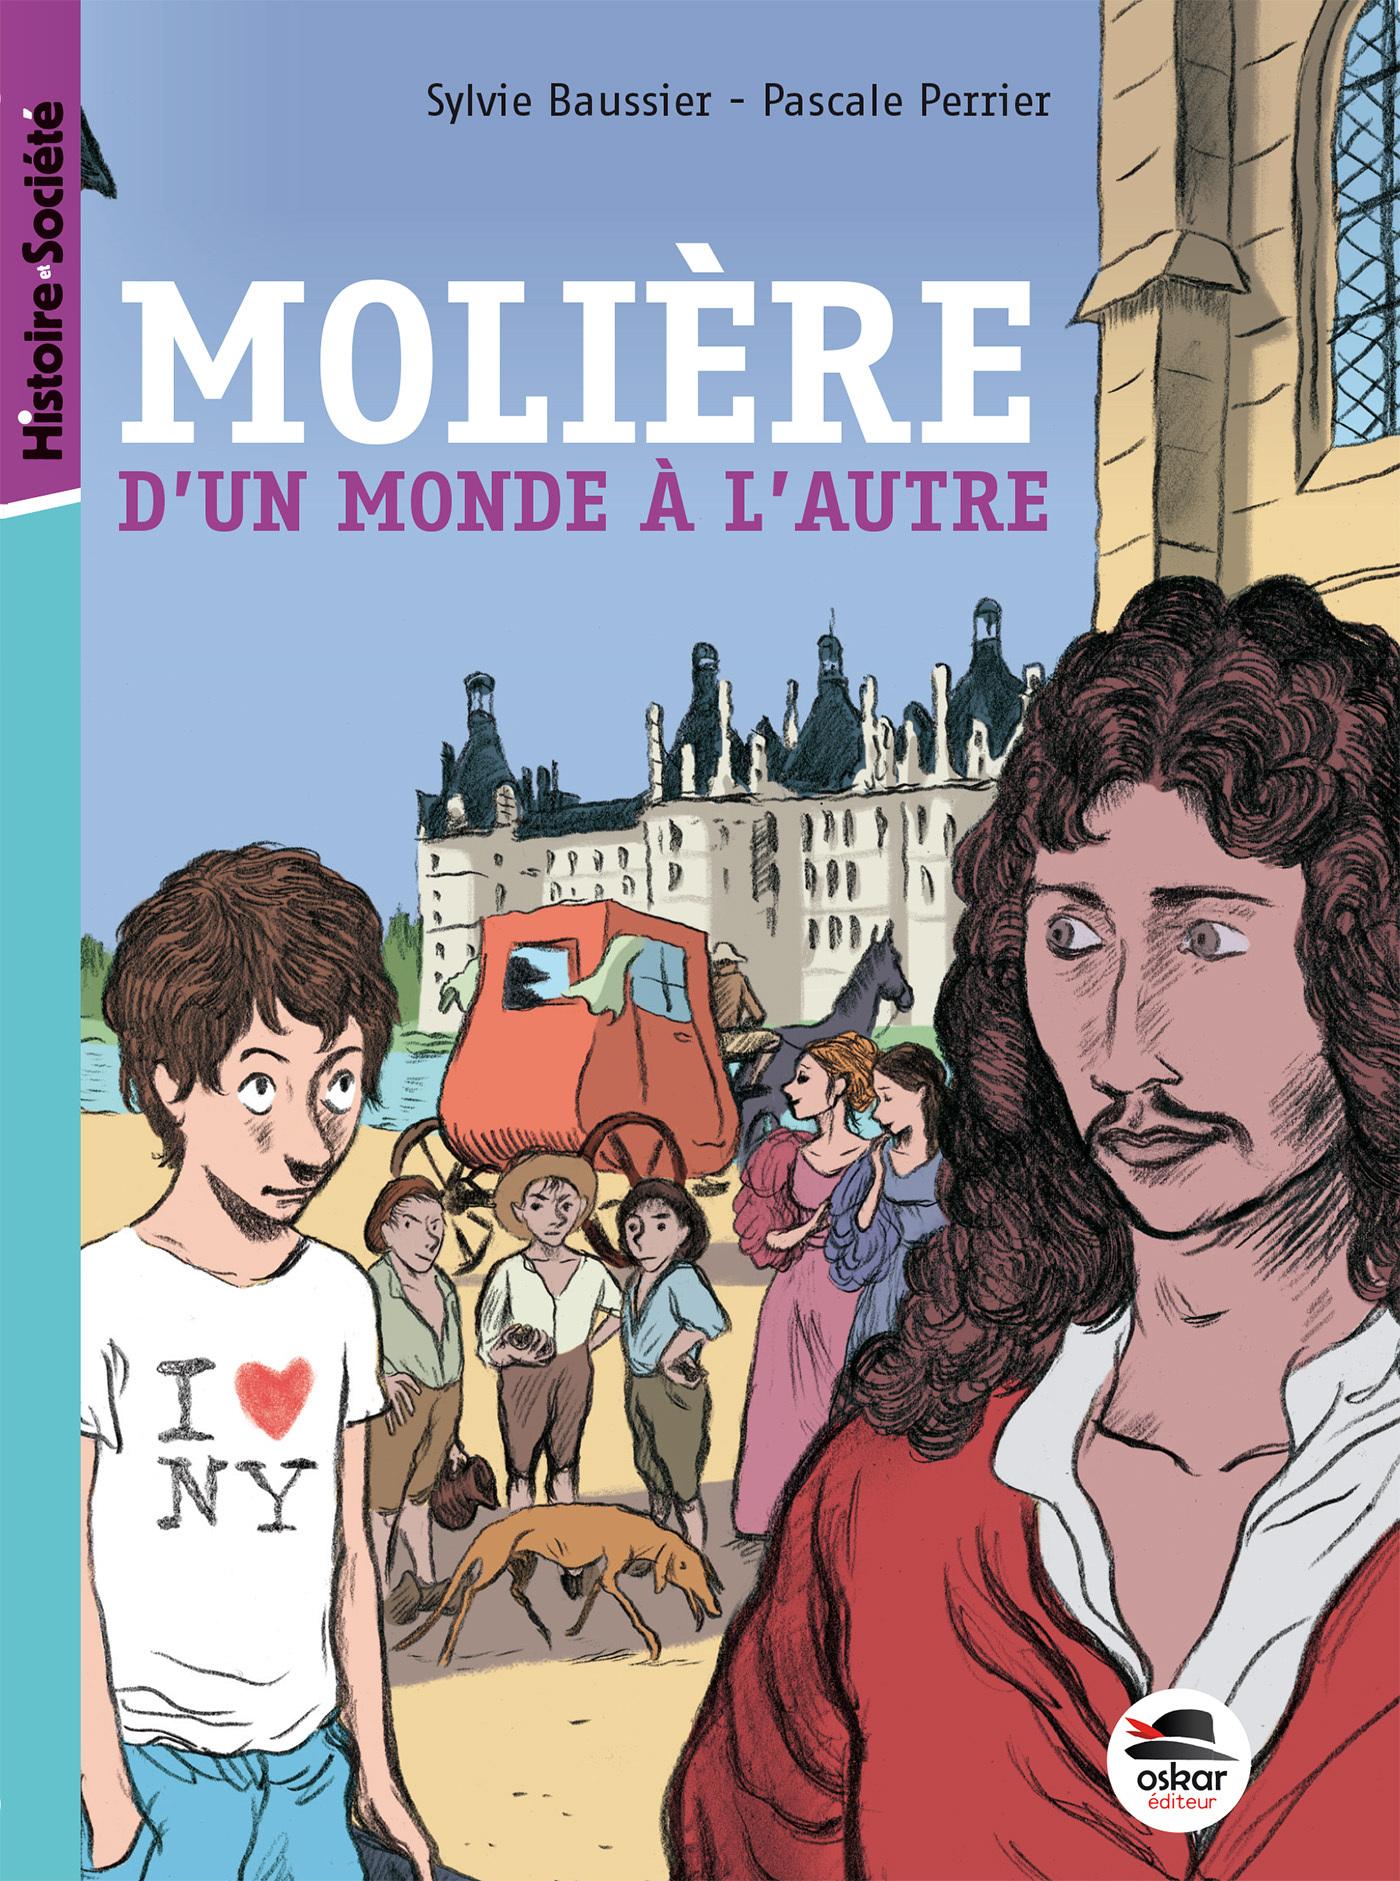 MOLIERE, D'UN MONDE A L'AUTRE